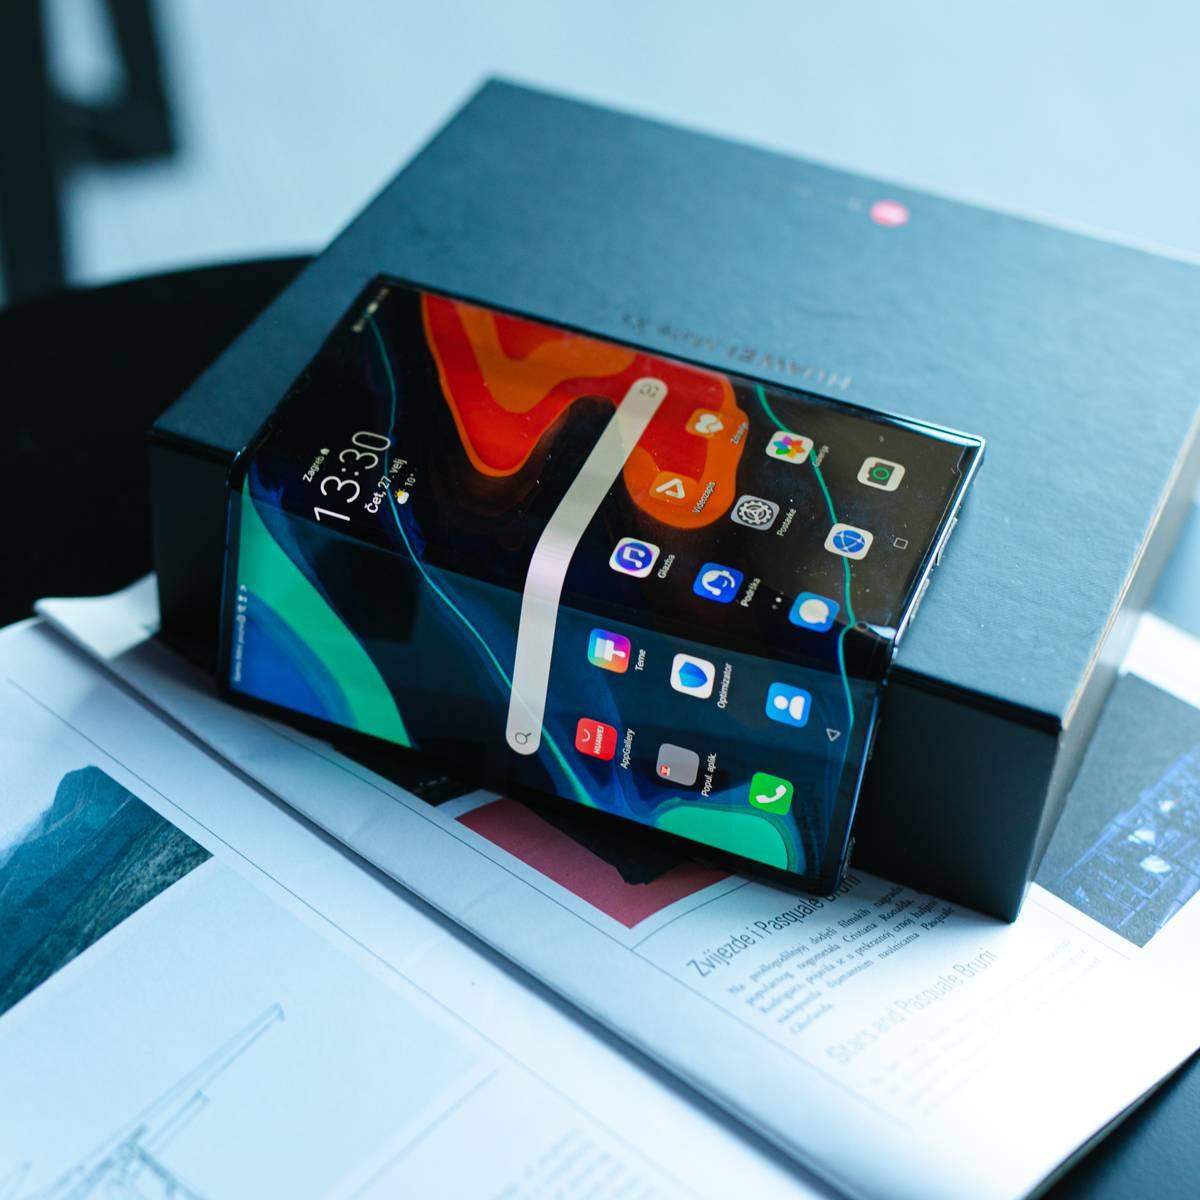 Pogledajte kako izgleda mobilni uređaj sa savitljivim ekranom